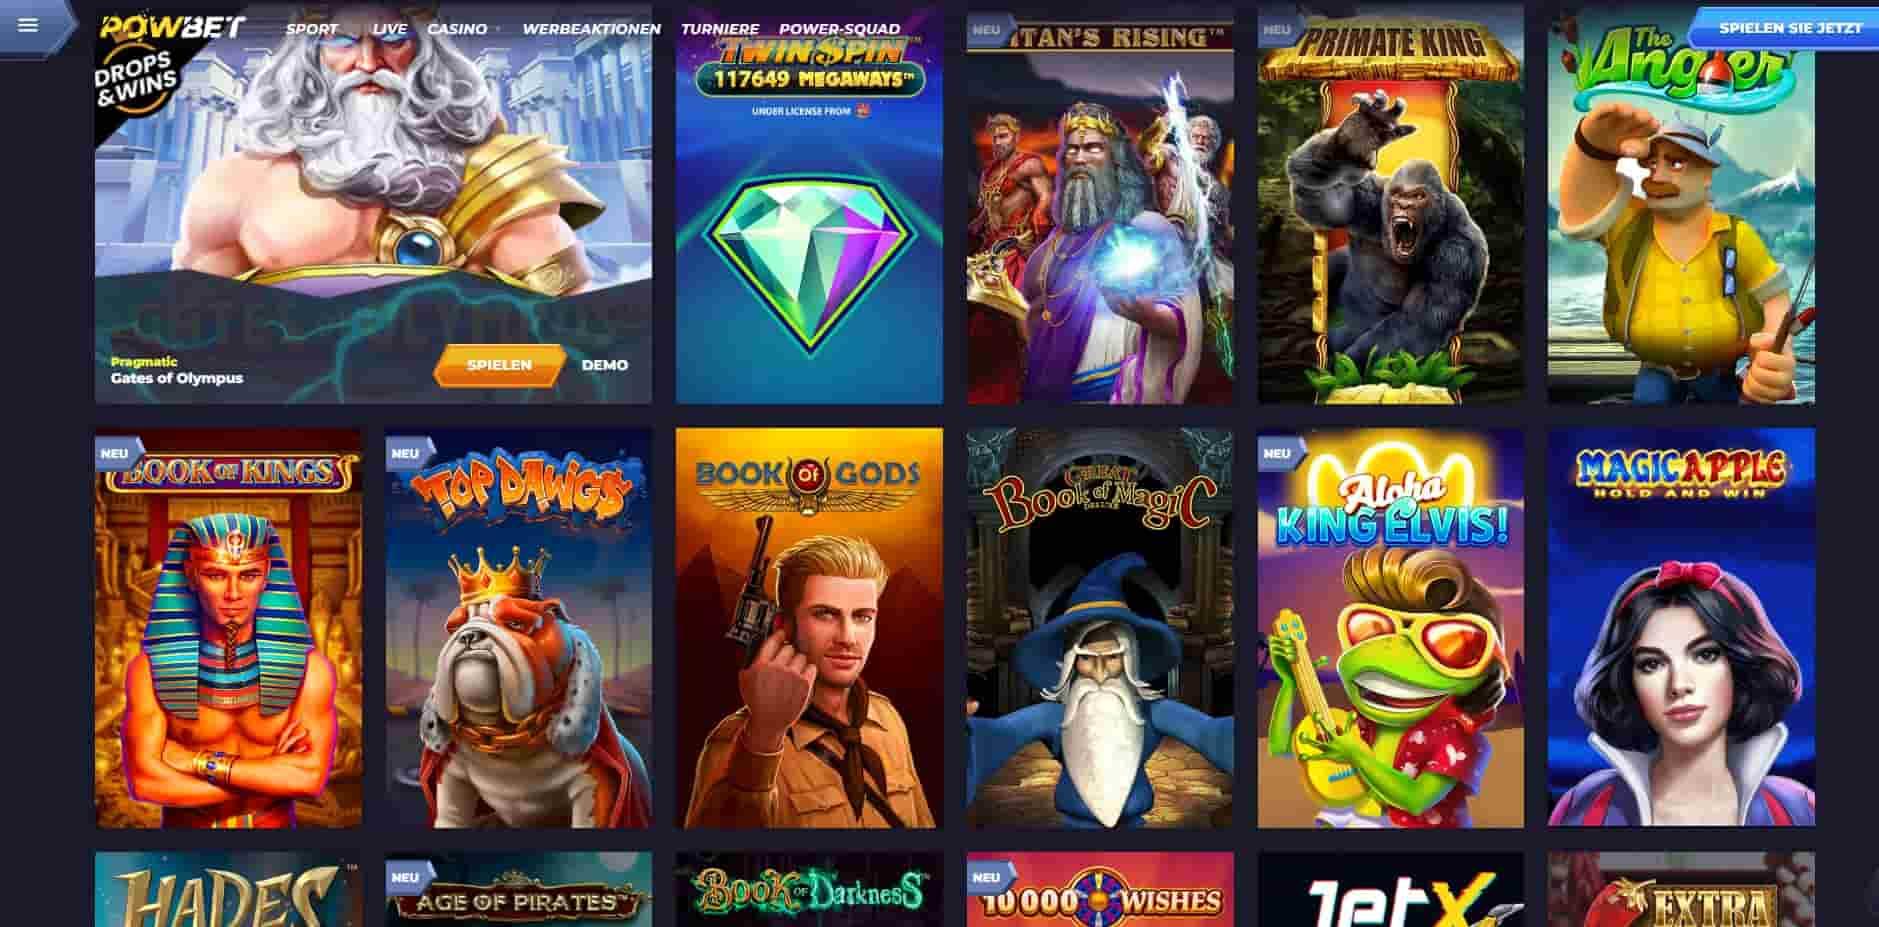 Powbet top games-min